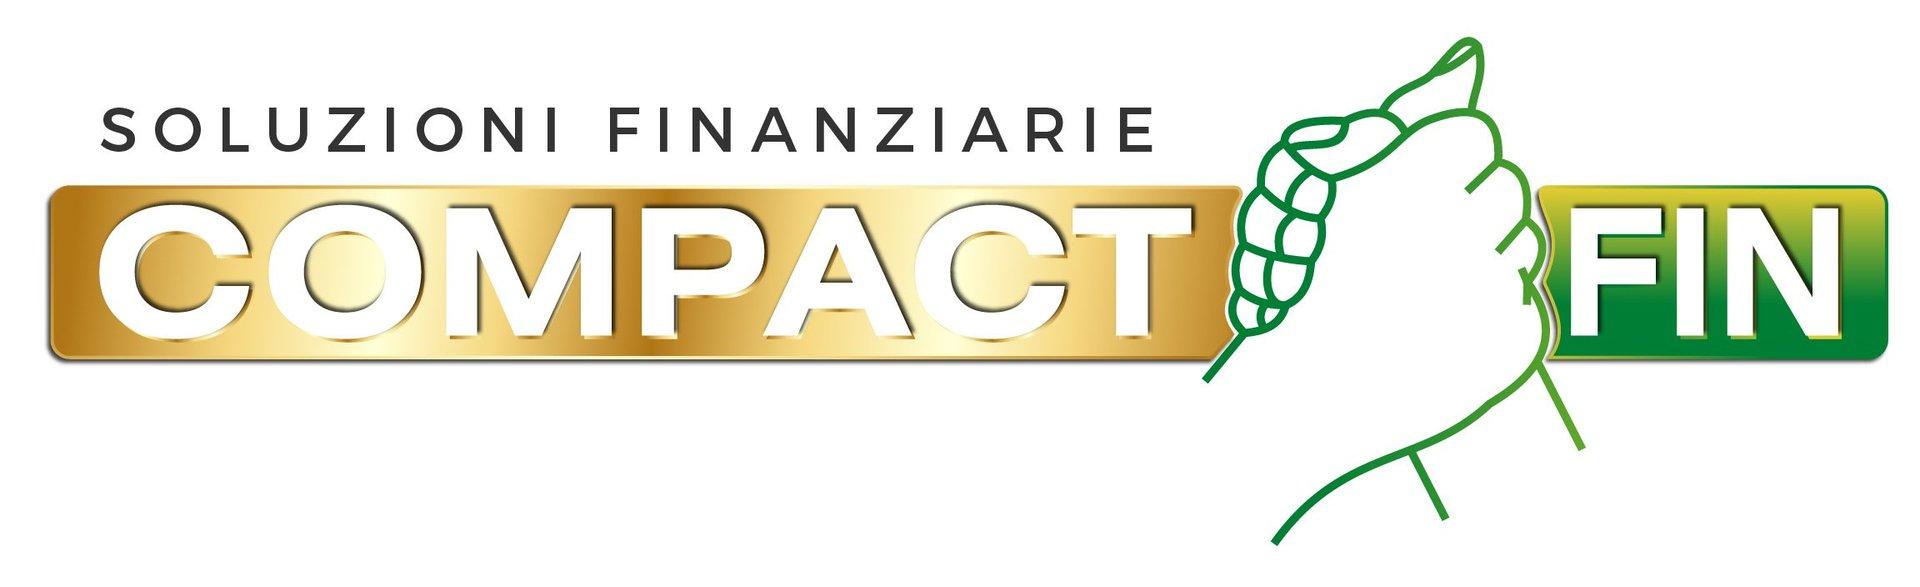 compactfin soluzioni finanziarie logo